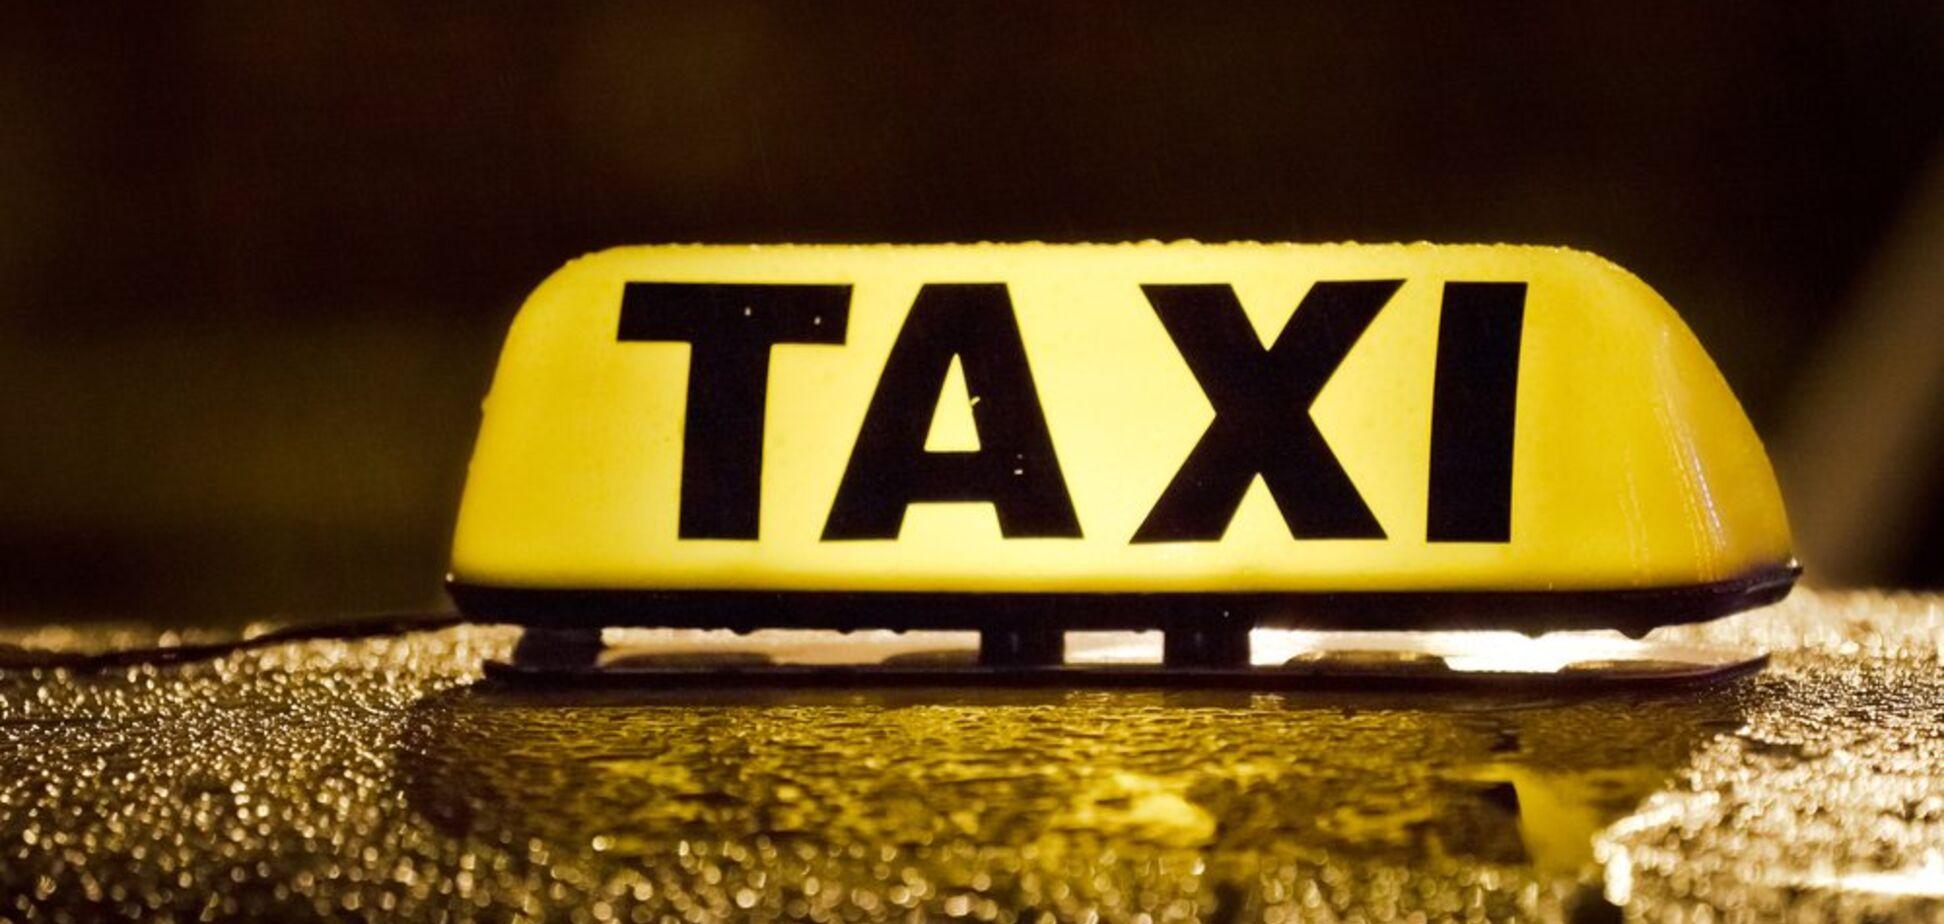 В Днепре женщина умерла в такси в свой день рождения: подробности ЧП